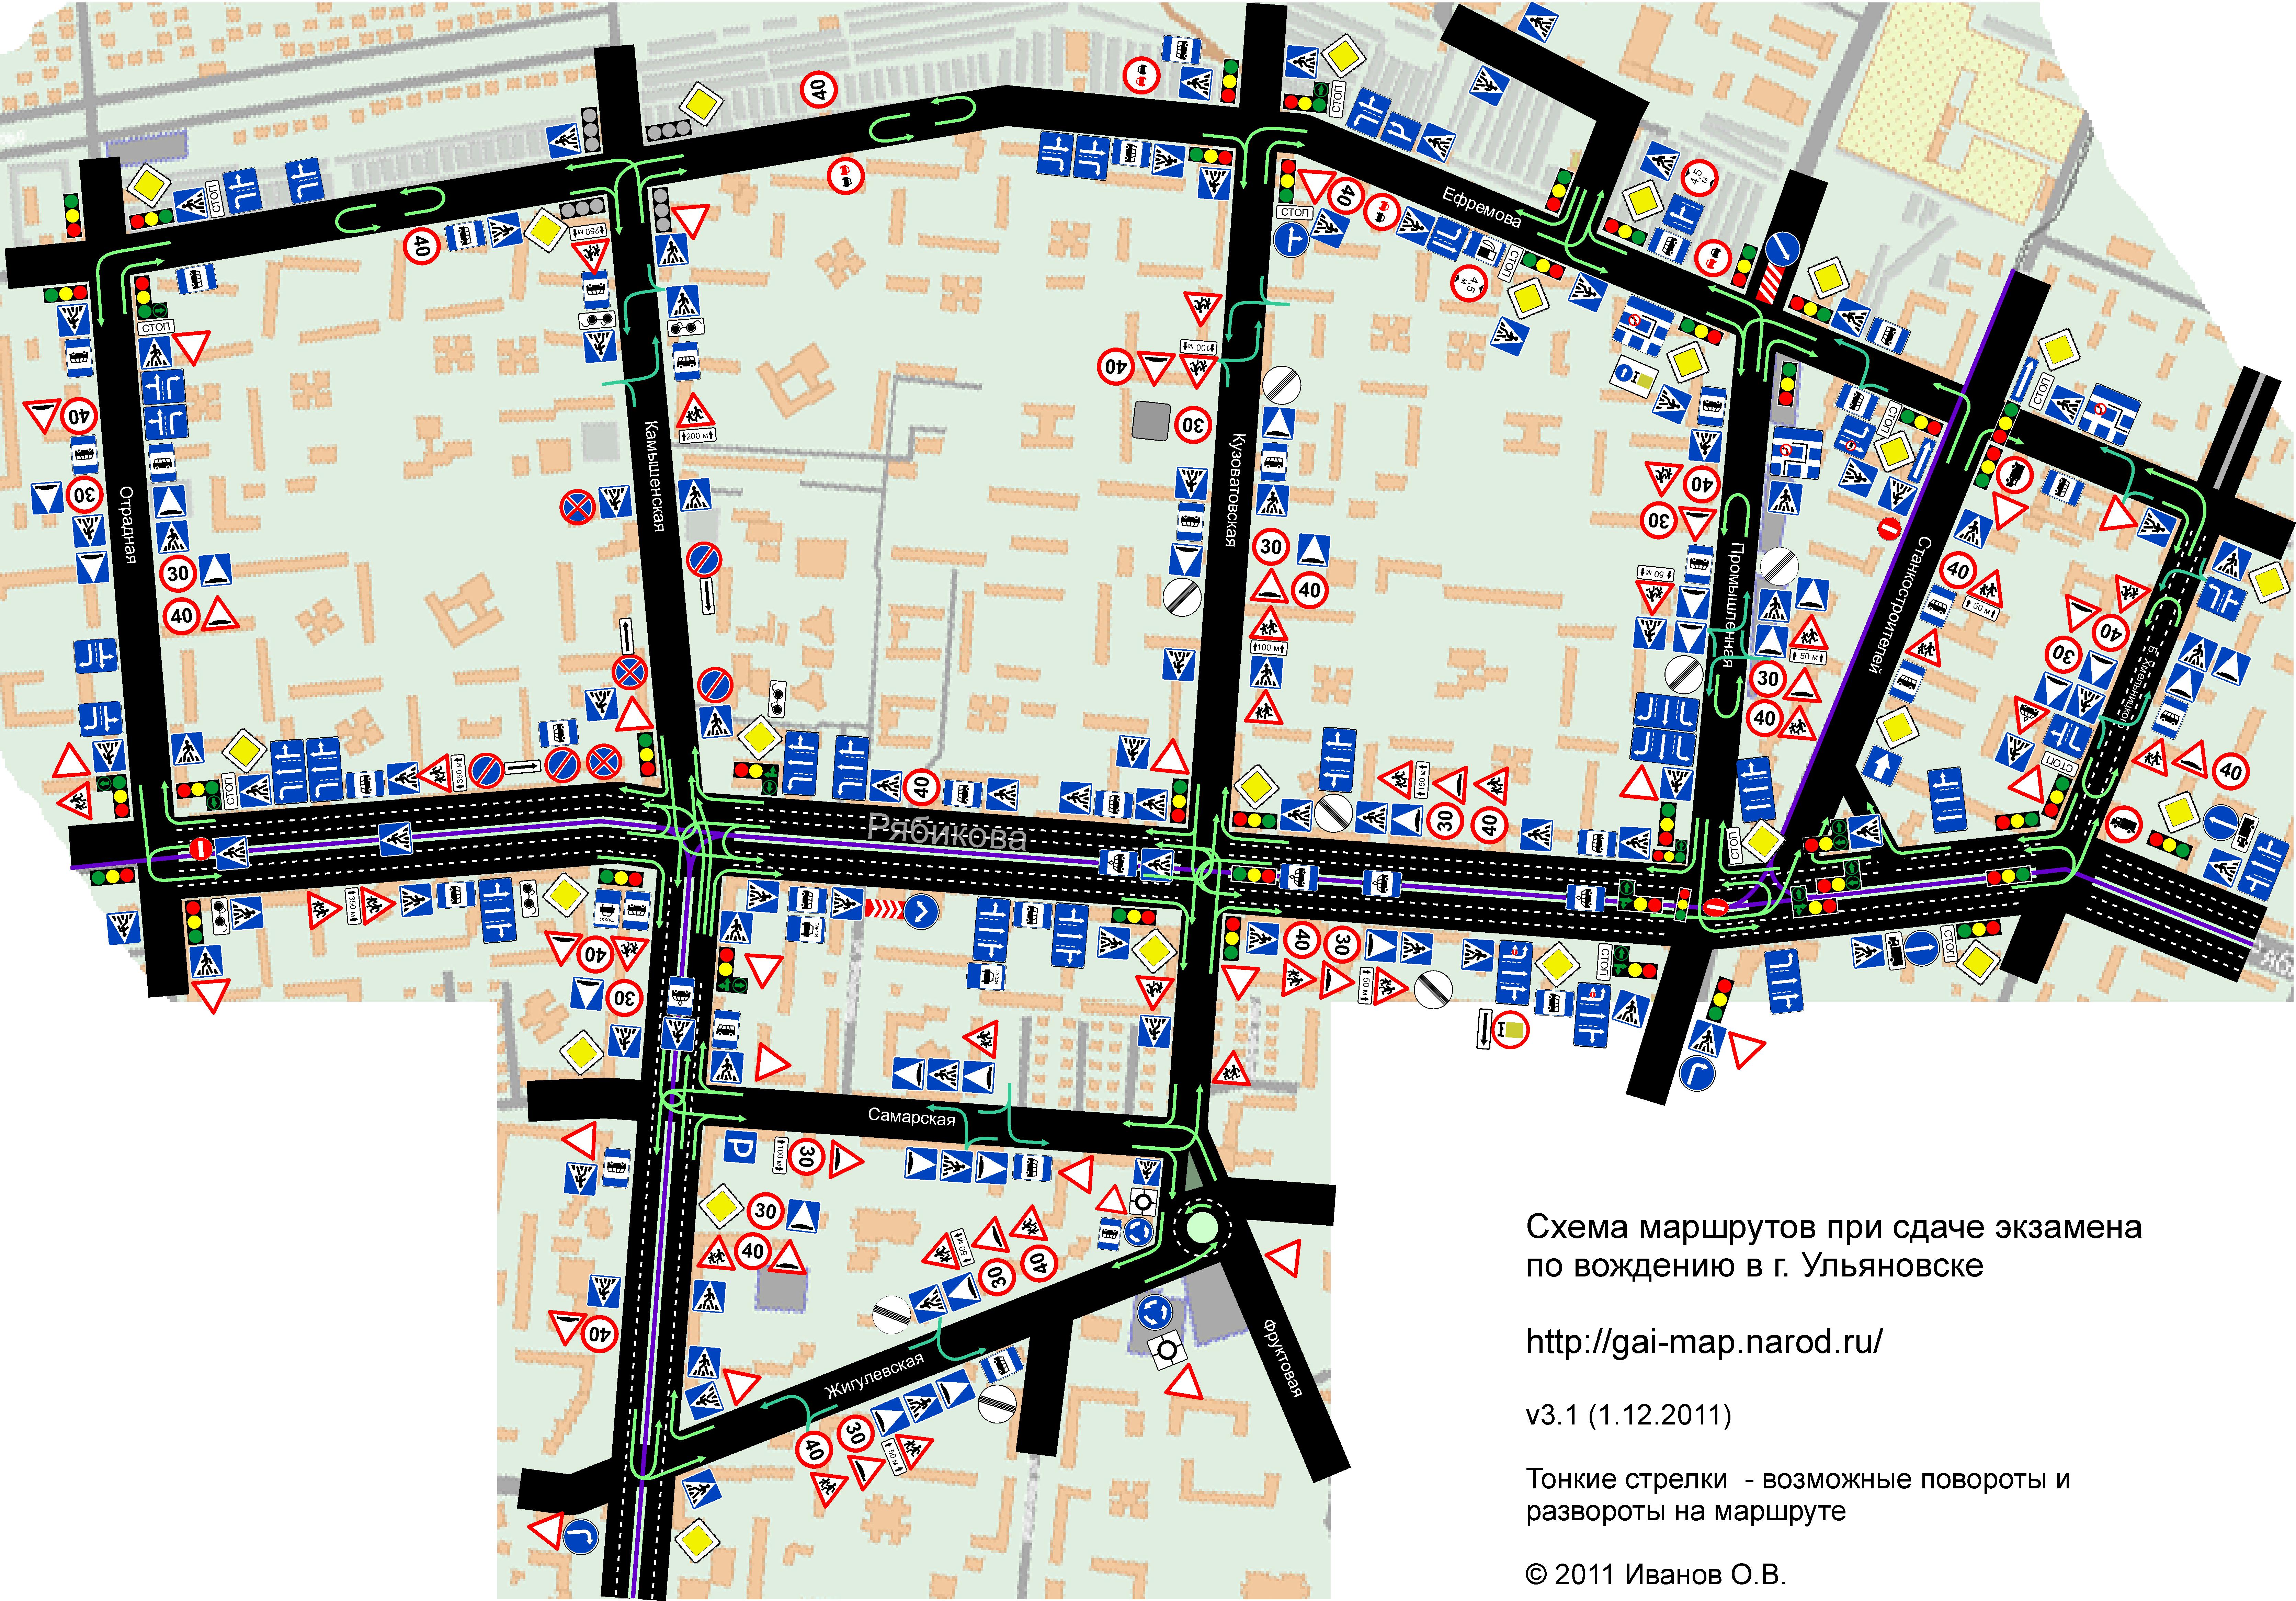 схема маршрута для сдачи экзамена в гаи ульяновск